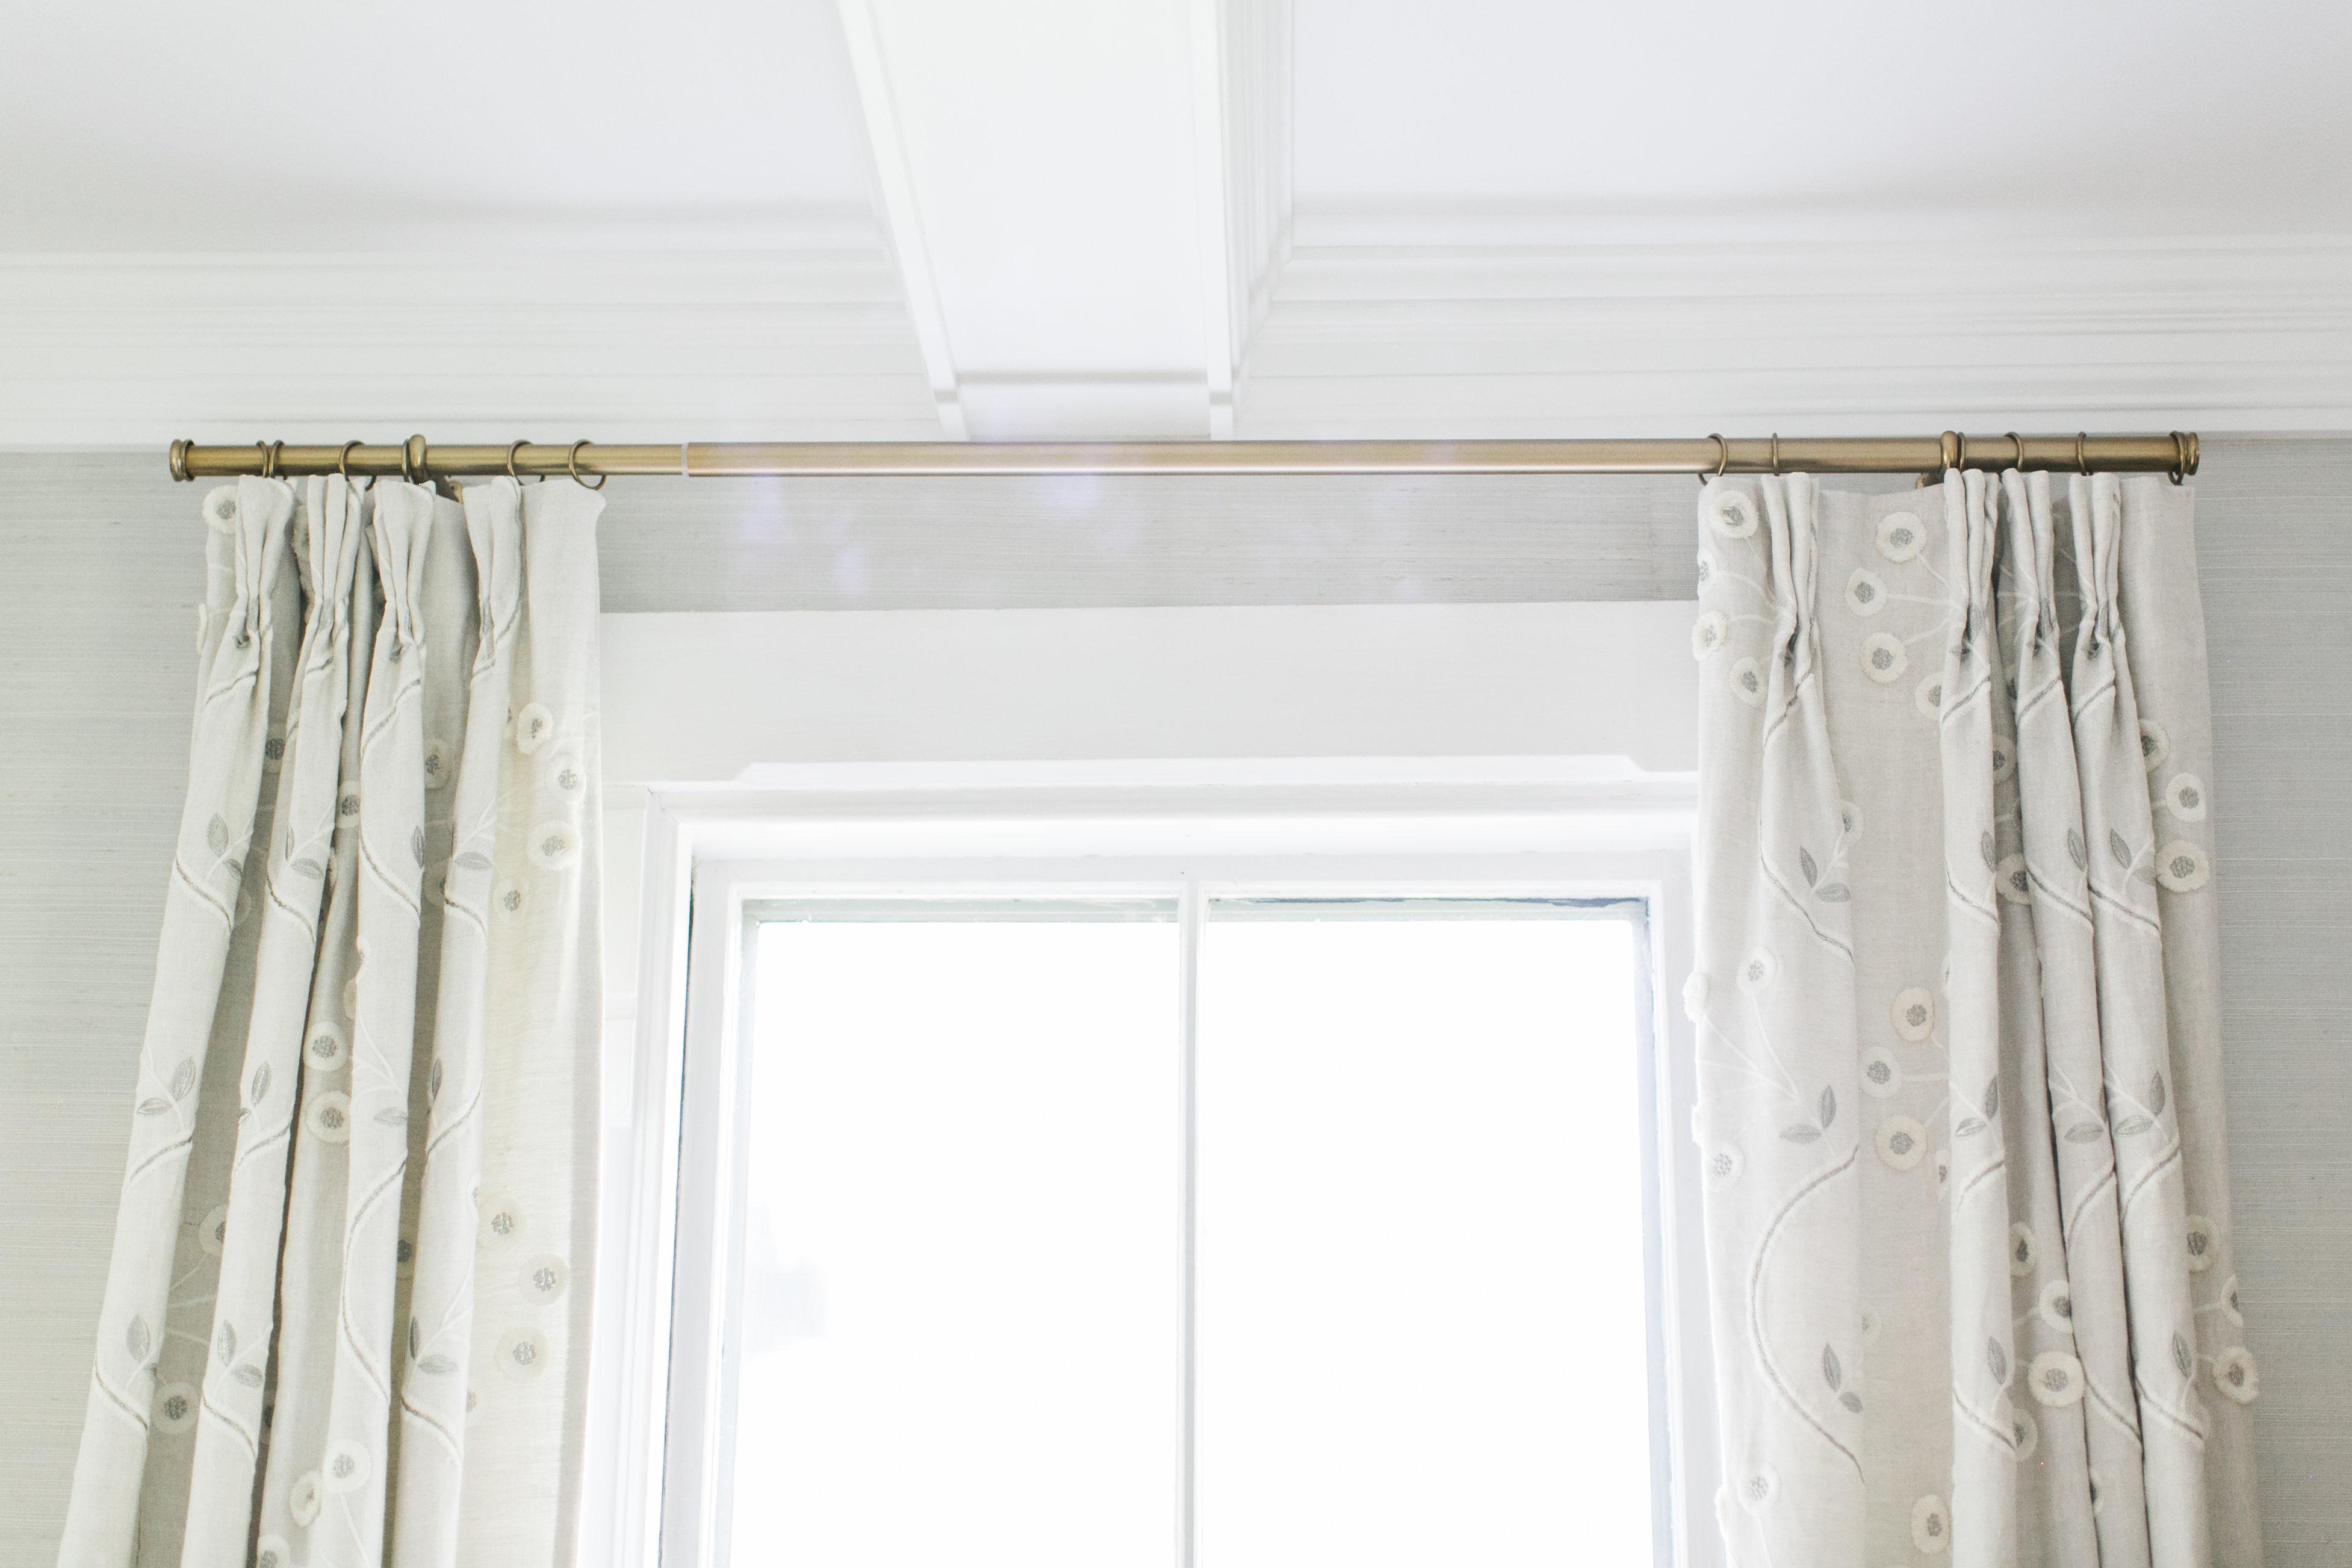 joss  main curtains  best curtains  - joss main curtains best curtain